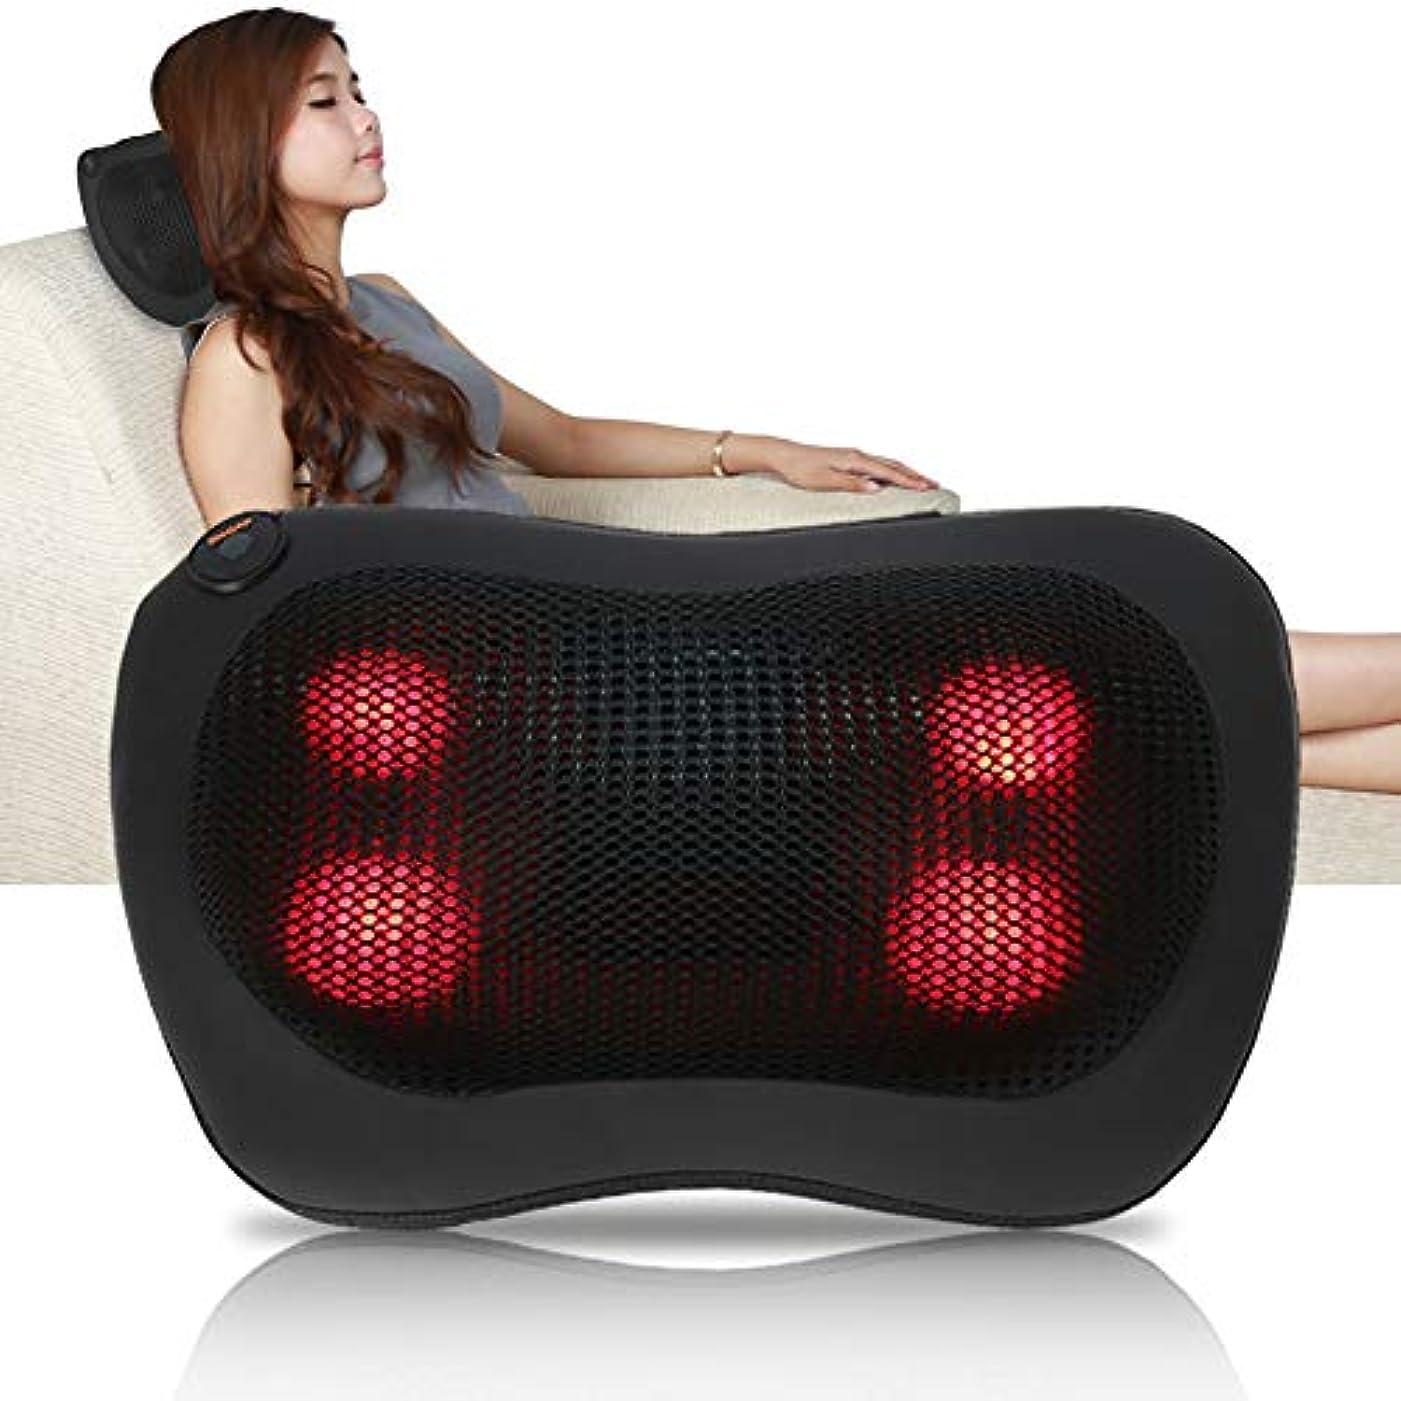 ボードビザ政令携帯用 電気マッサージの枕 暖房療法 首のウエスト 足の腕 マッサージ用具(ブラック)